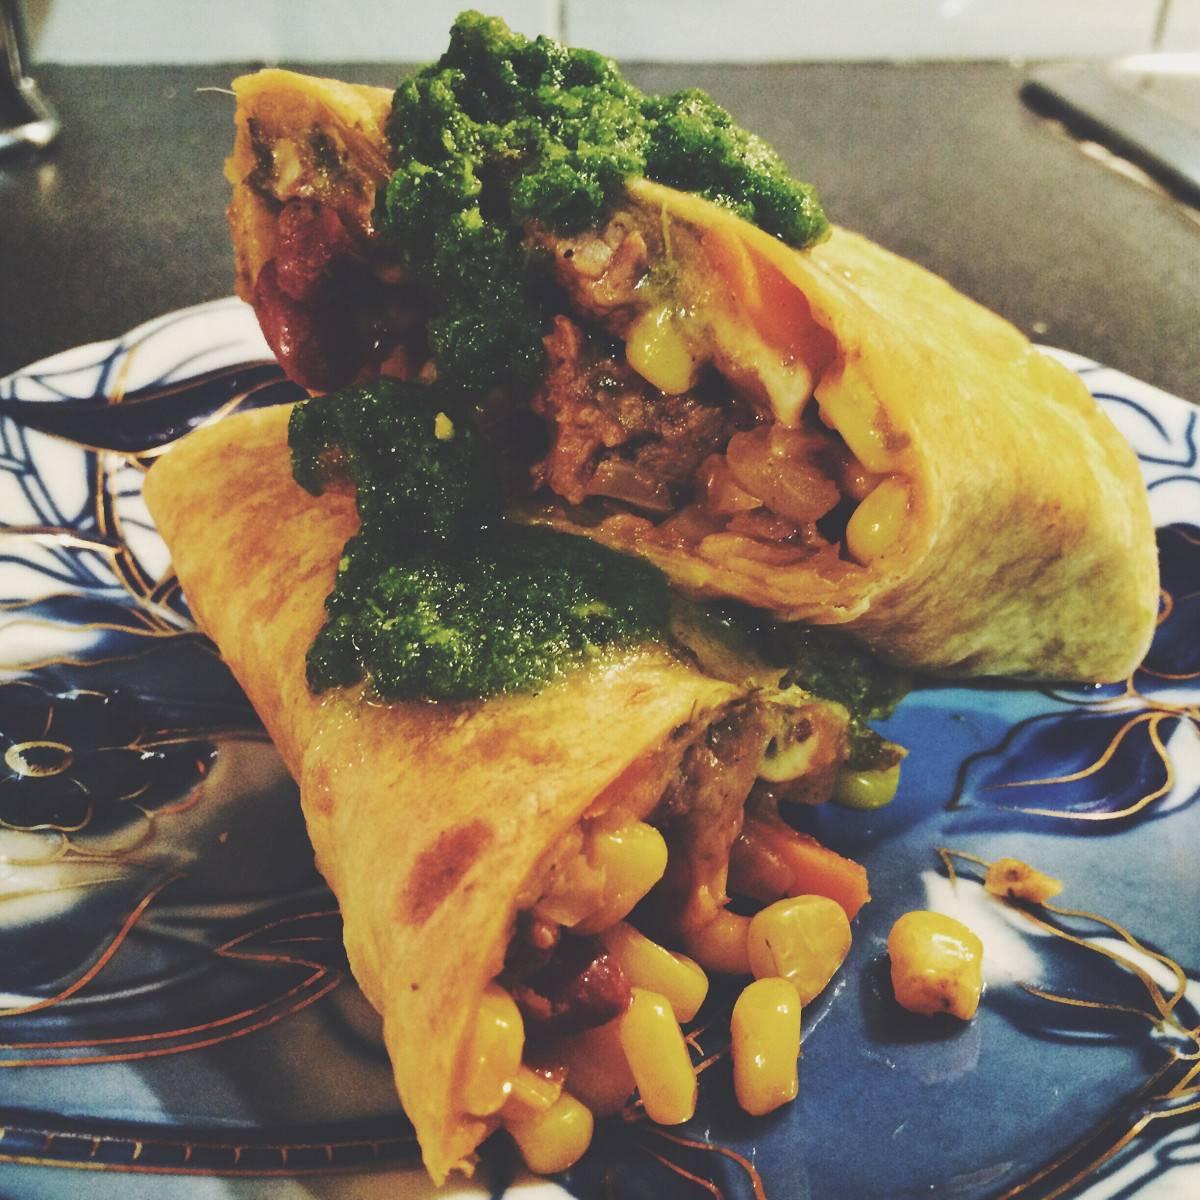 Рецепт буррито с курицей и фасолью или как приготовить буррито с фото пошагово